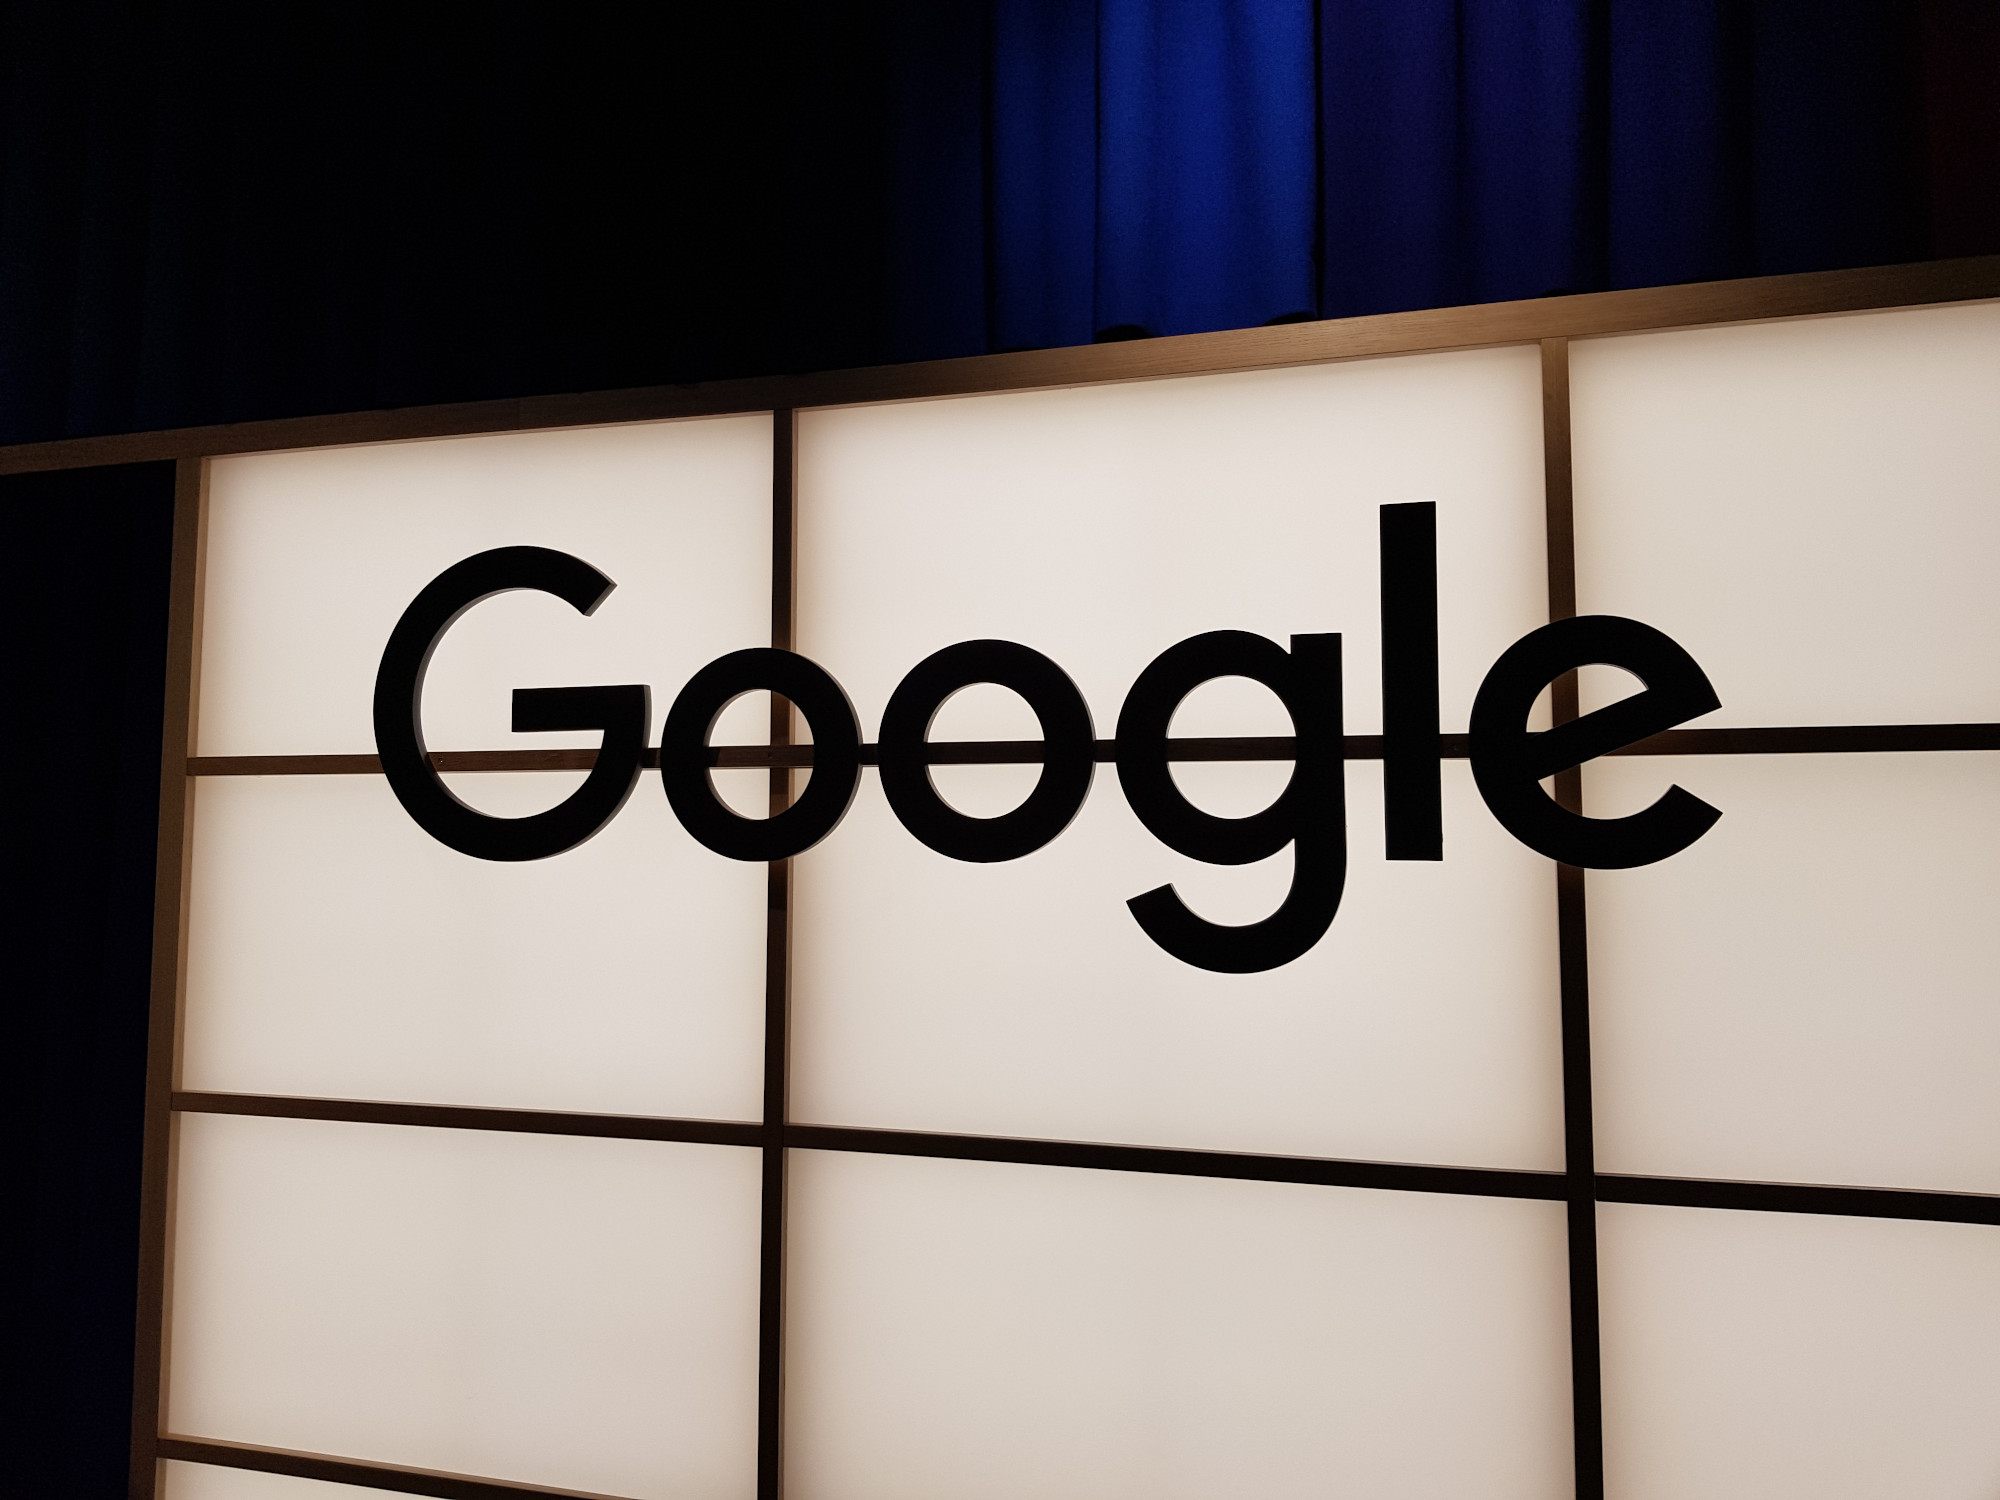 Google Wall of Light Zurich